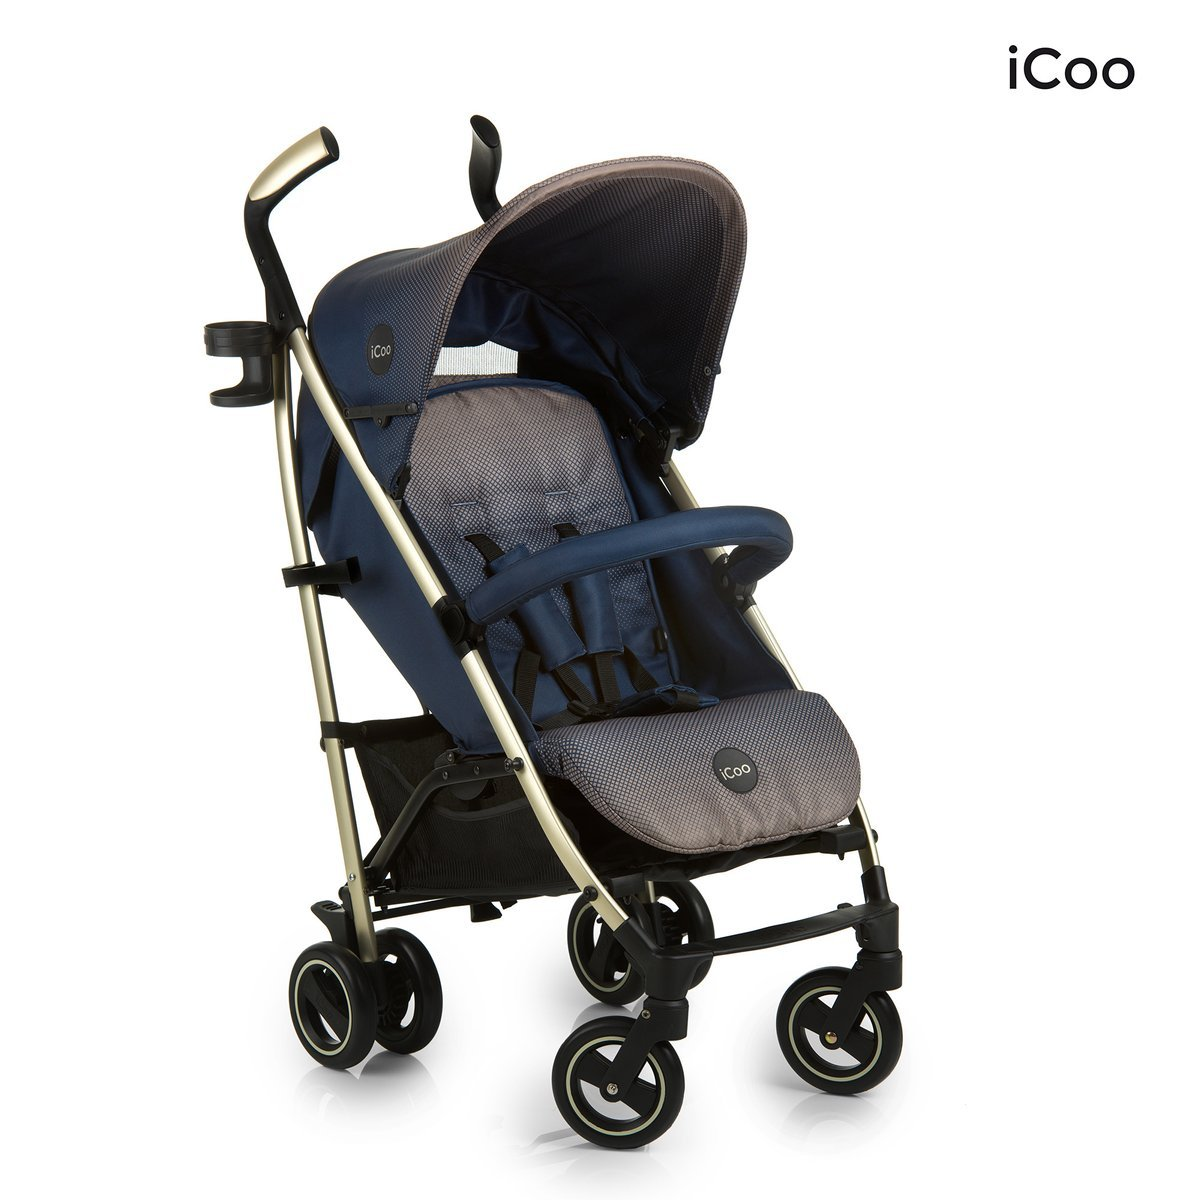 iCoo Pace - Silla de paseo, color azul con estampado gris